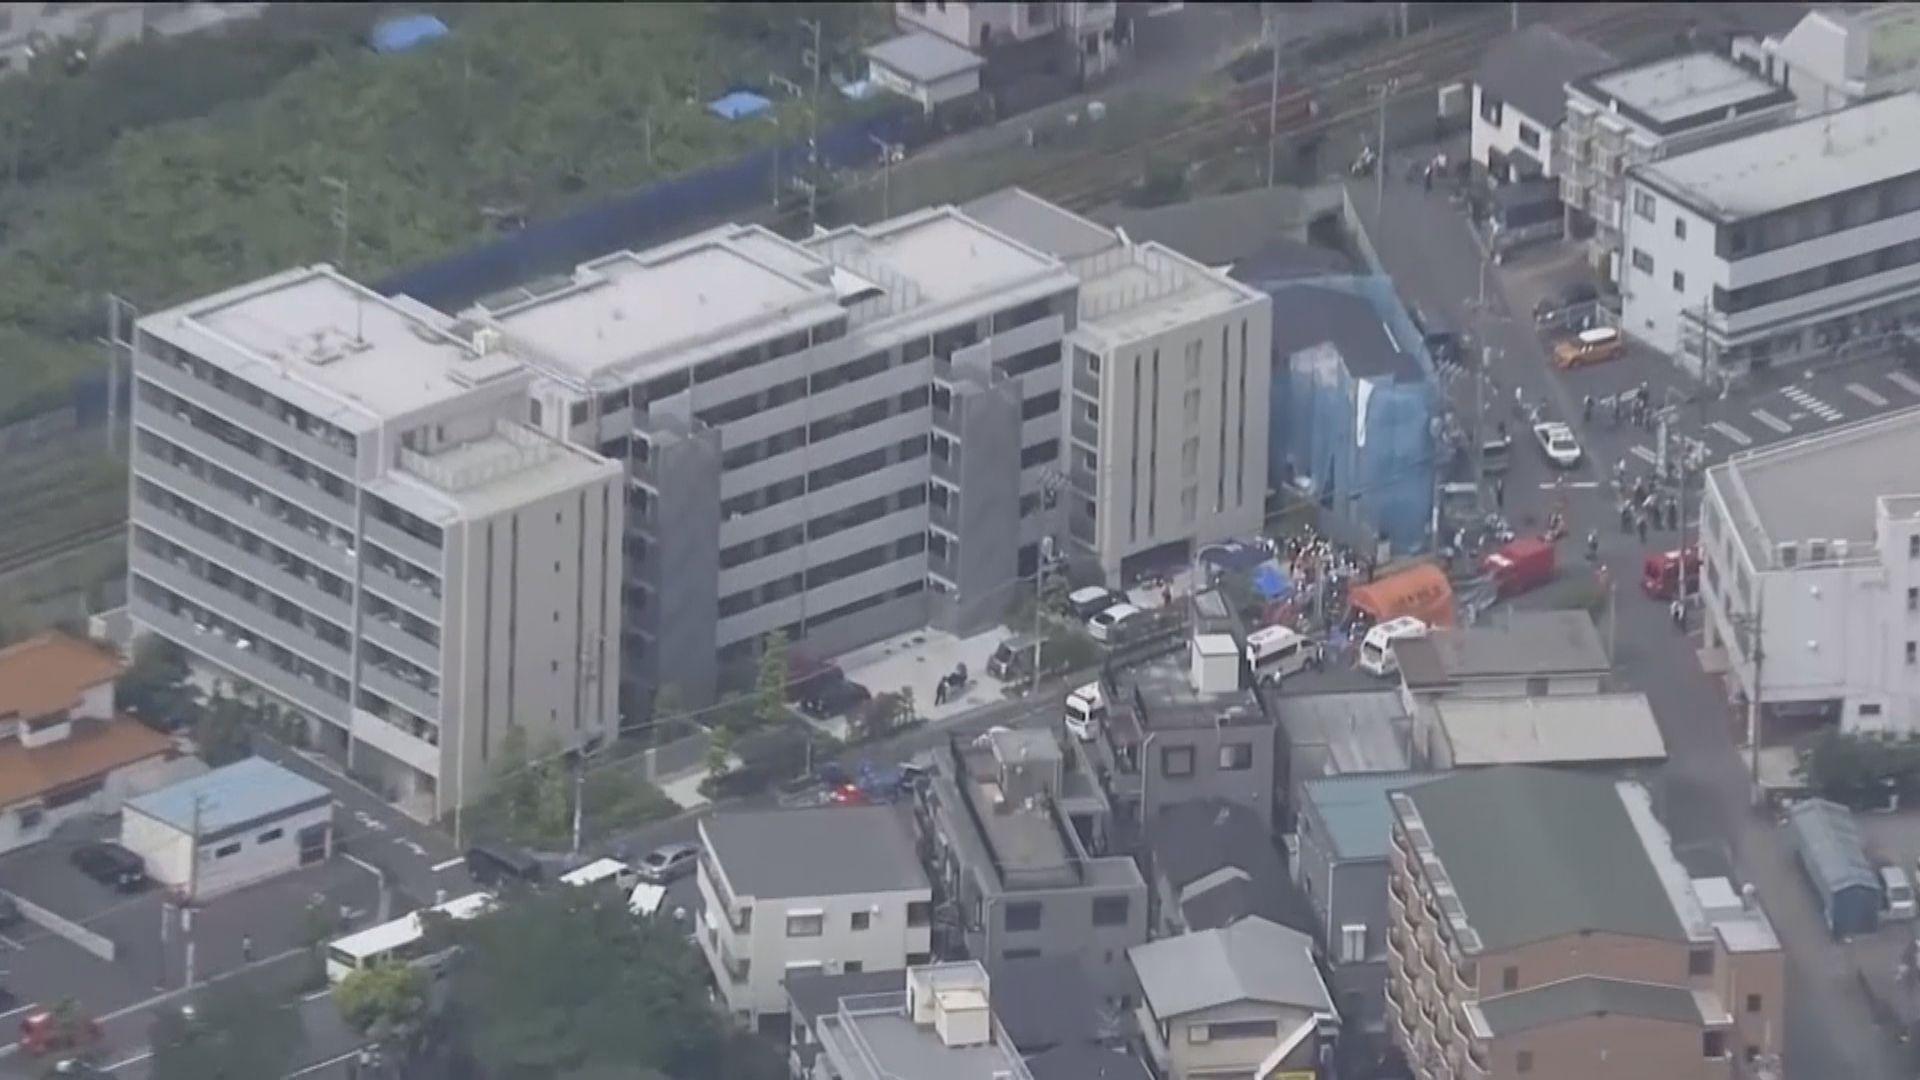 日本街頭持刀襲擊3死 校方籲傳媒給予空間